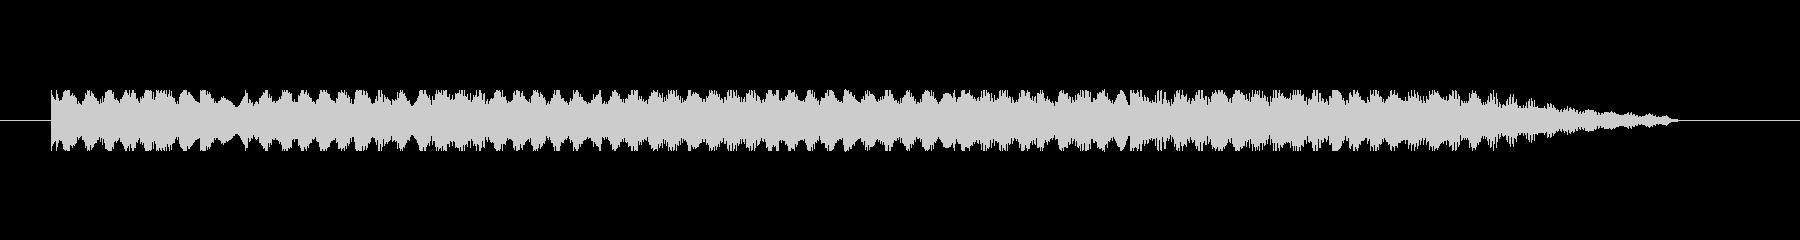 やさしい音色の短い音楽の未再生の波形